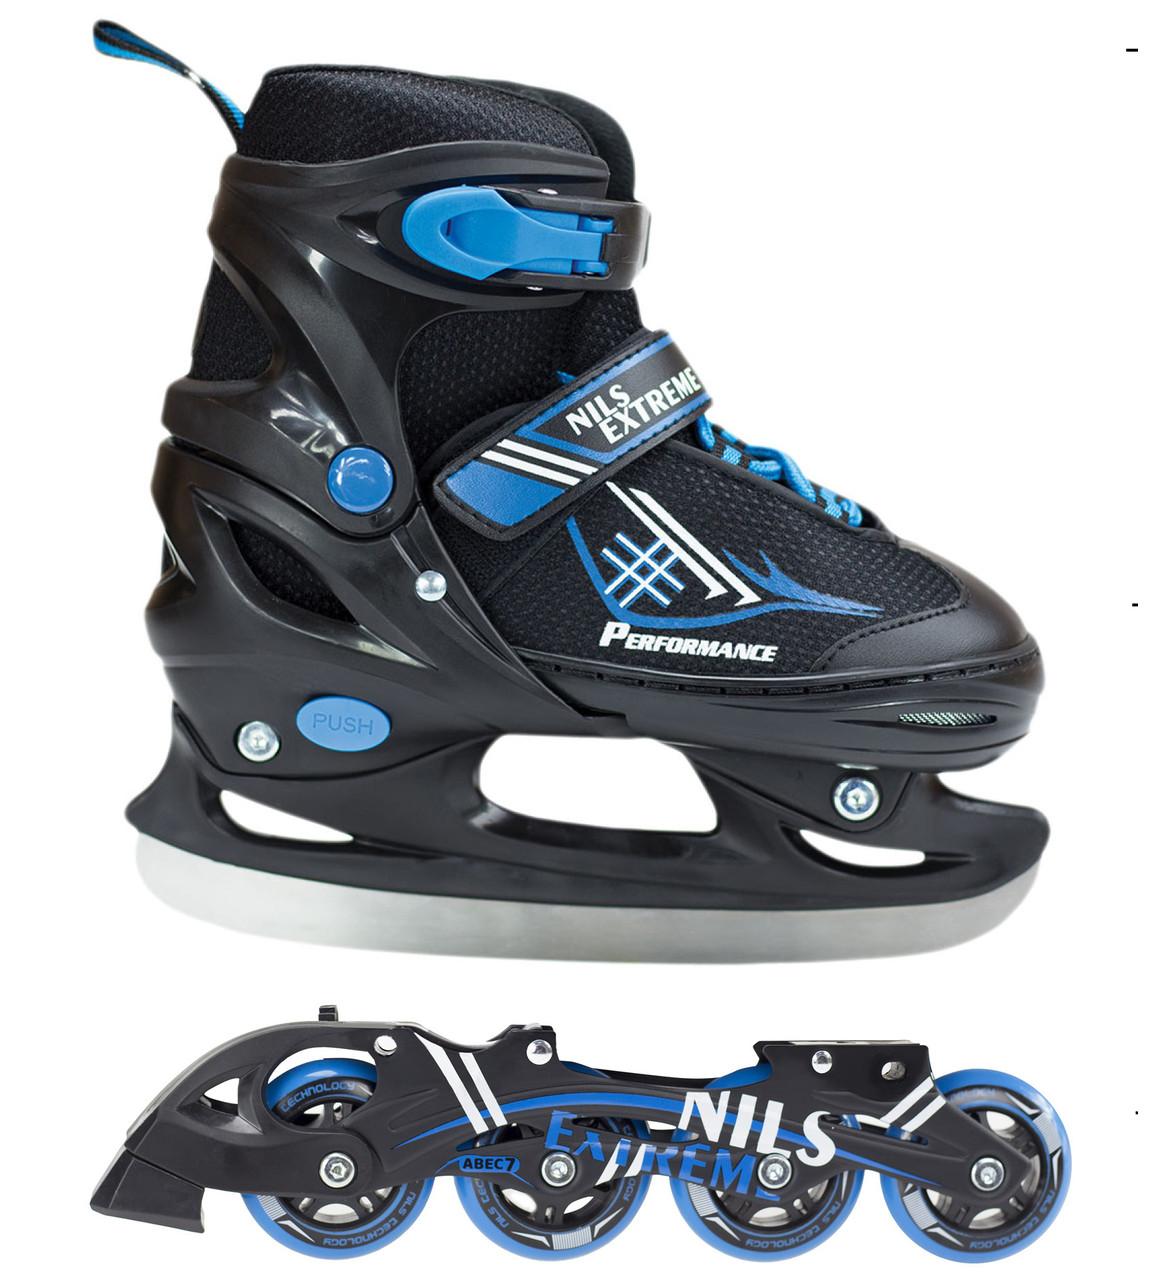 Роликовые коньки Nils Extreme NH7104A 2 в 1 Size 30-33 Black/Blue